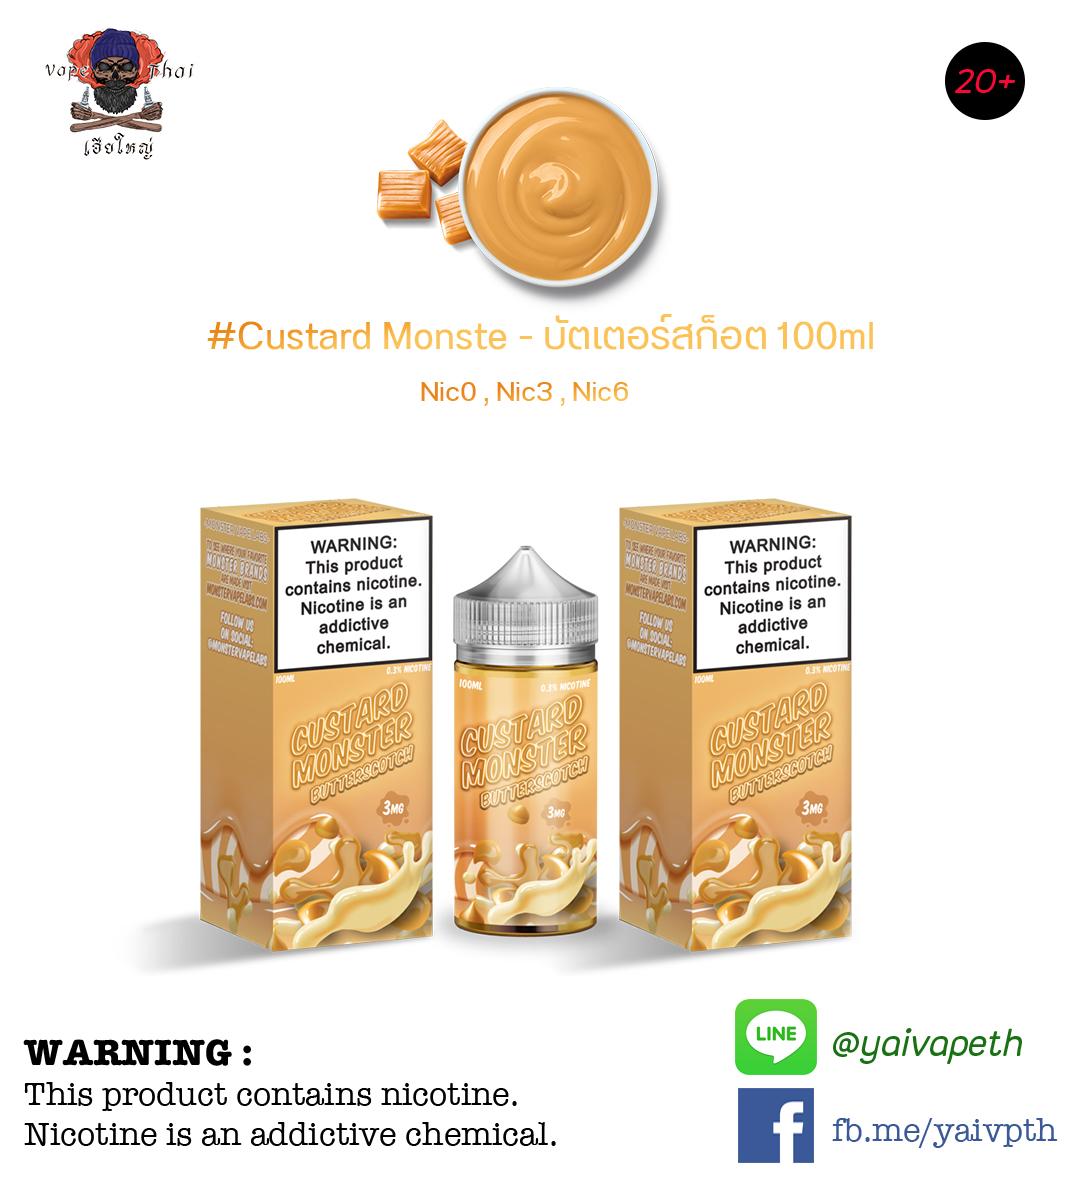 คัสตาร์ด บัตเตอร์สก็อต - น้ำยาบุหรี่ไฟฟ้า Custard Monste Butterscotch 100ml (U.S.A.) [ไม่เย็น] ของแท้ 100%